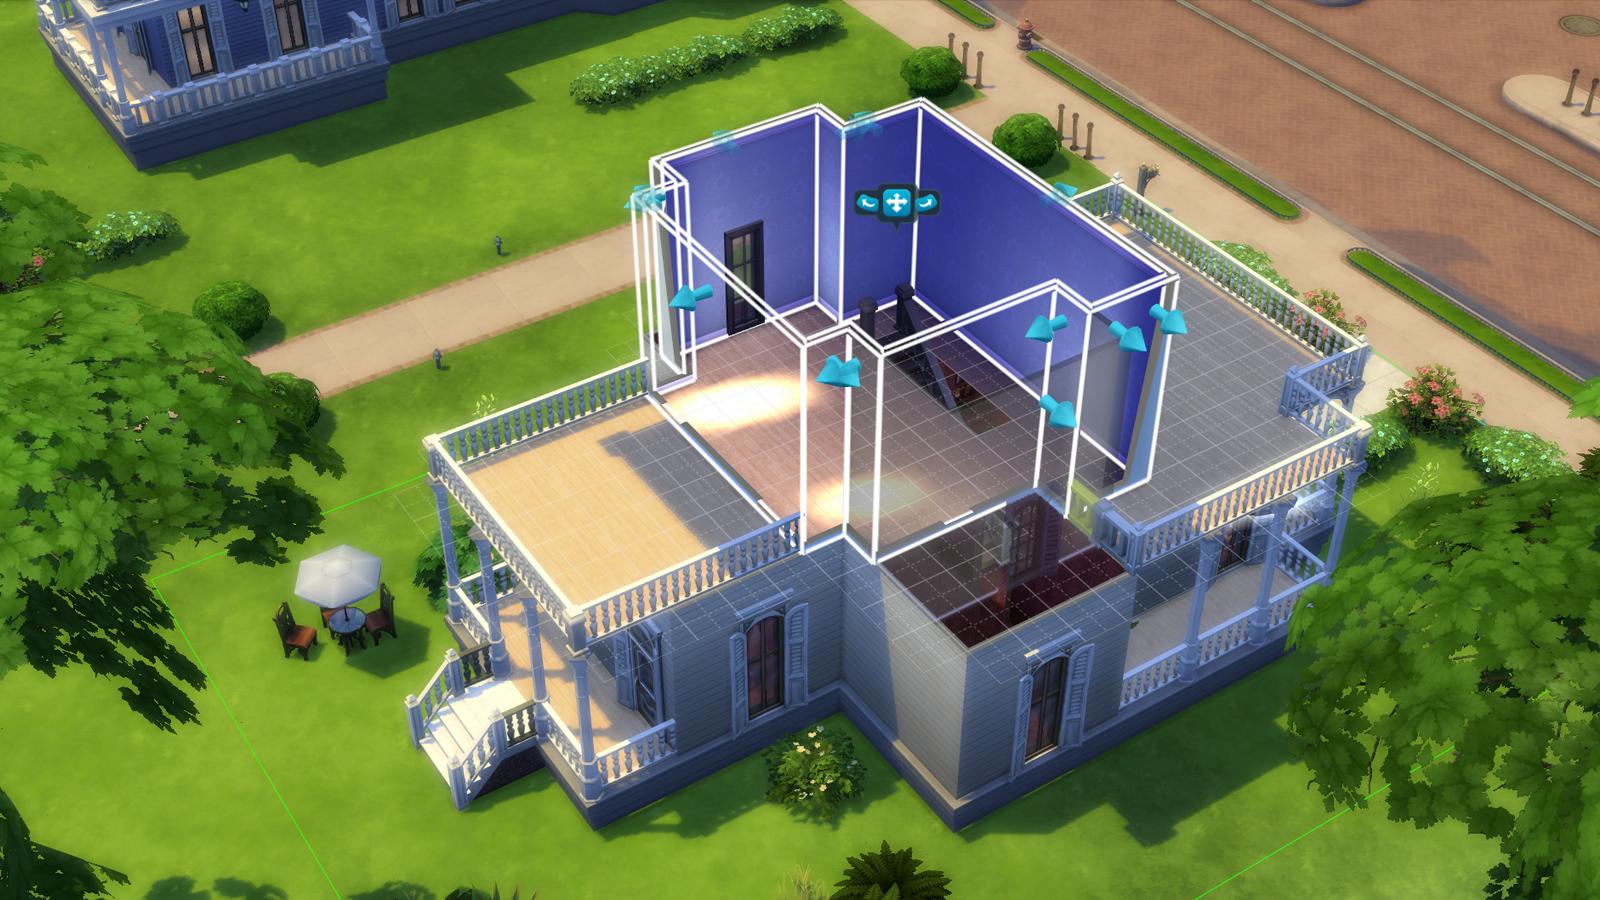 The sims 4 costruzione case